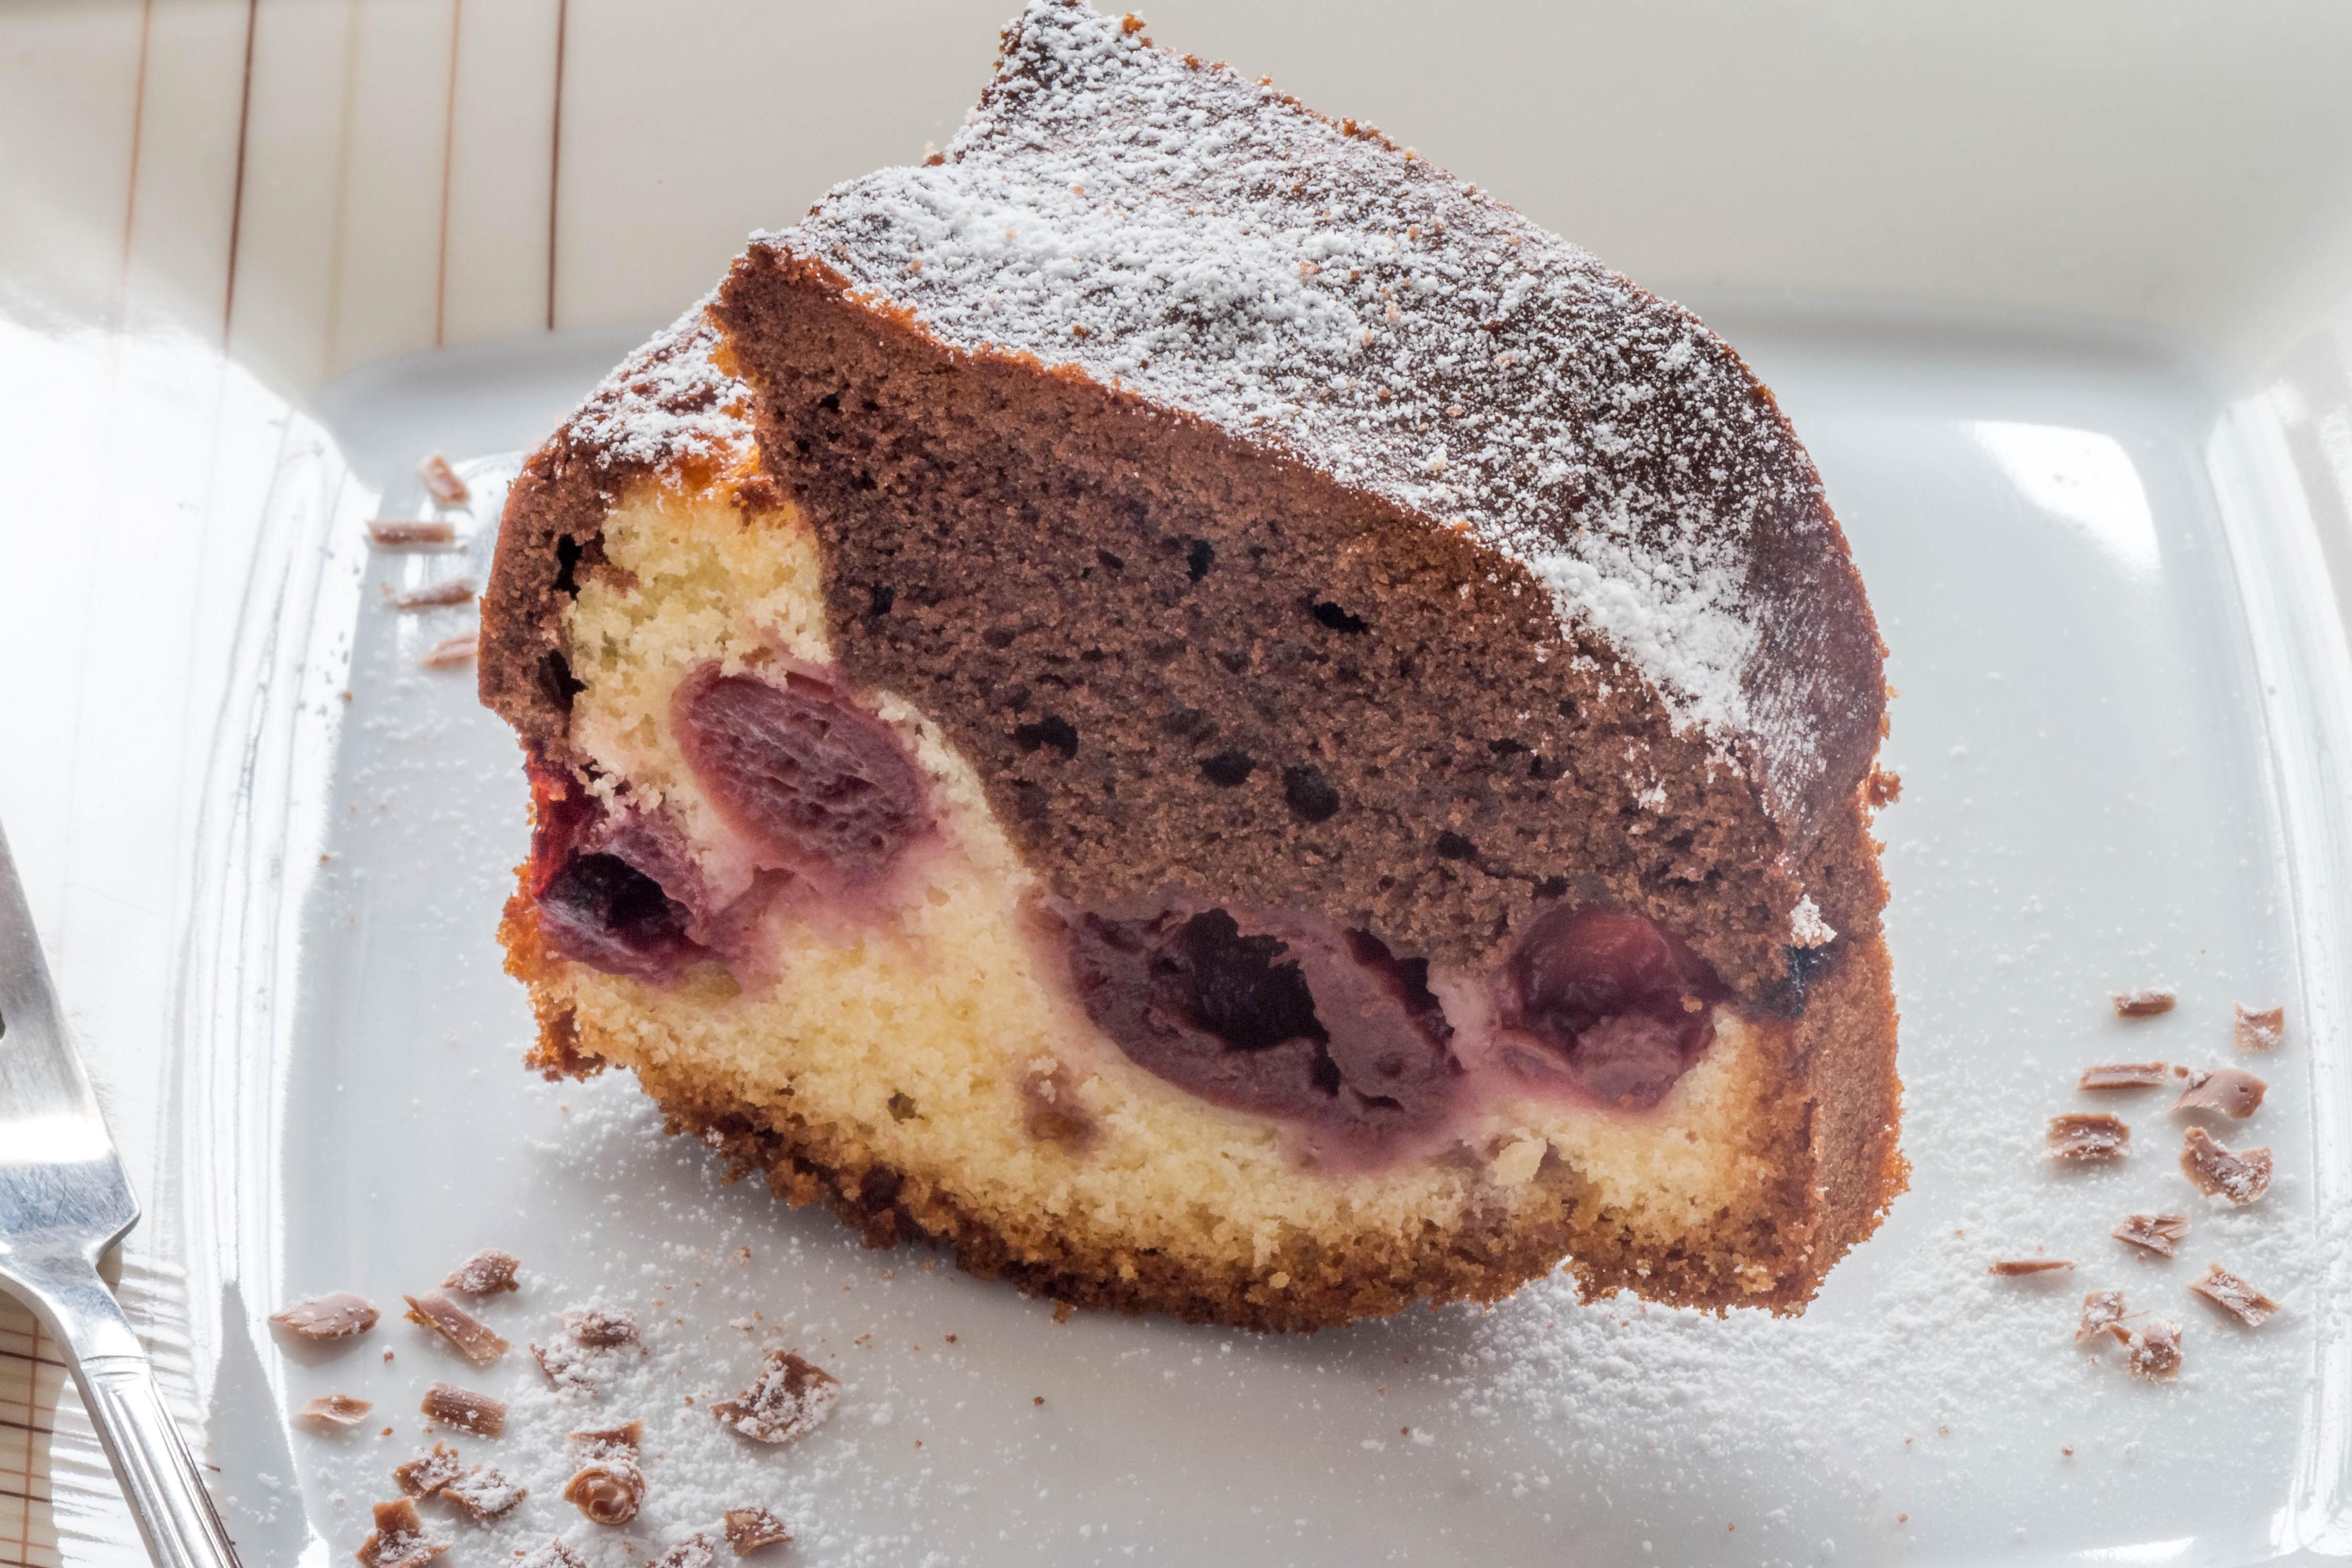 Kostenlose Bild Suss Schokolade Kuchen Essen Lecker Kuchen